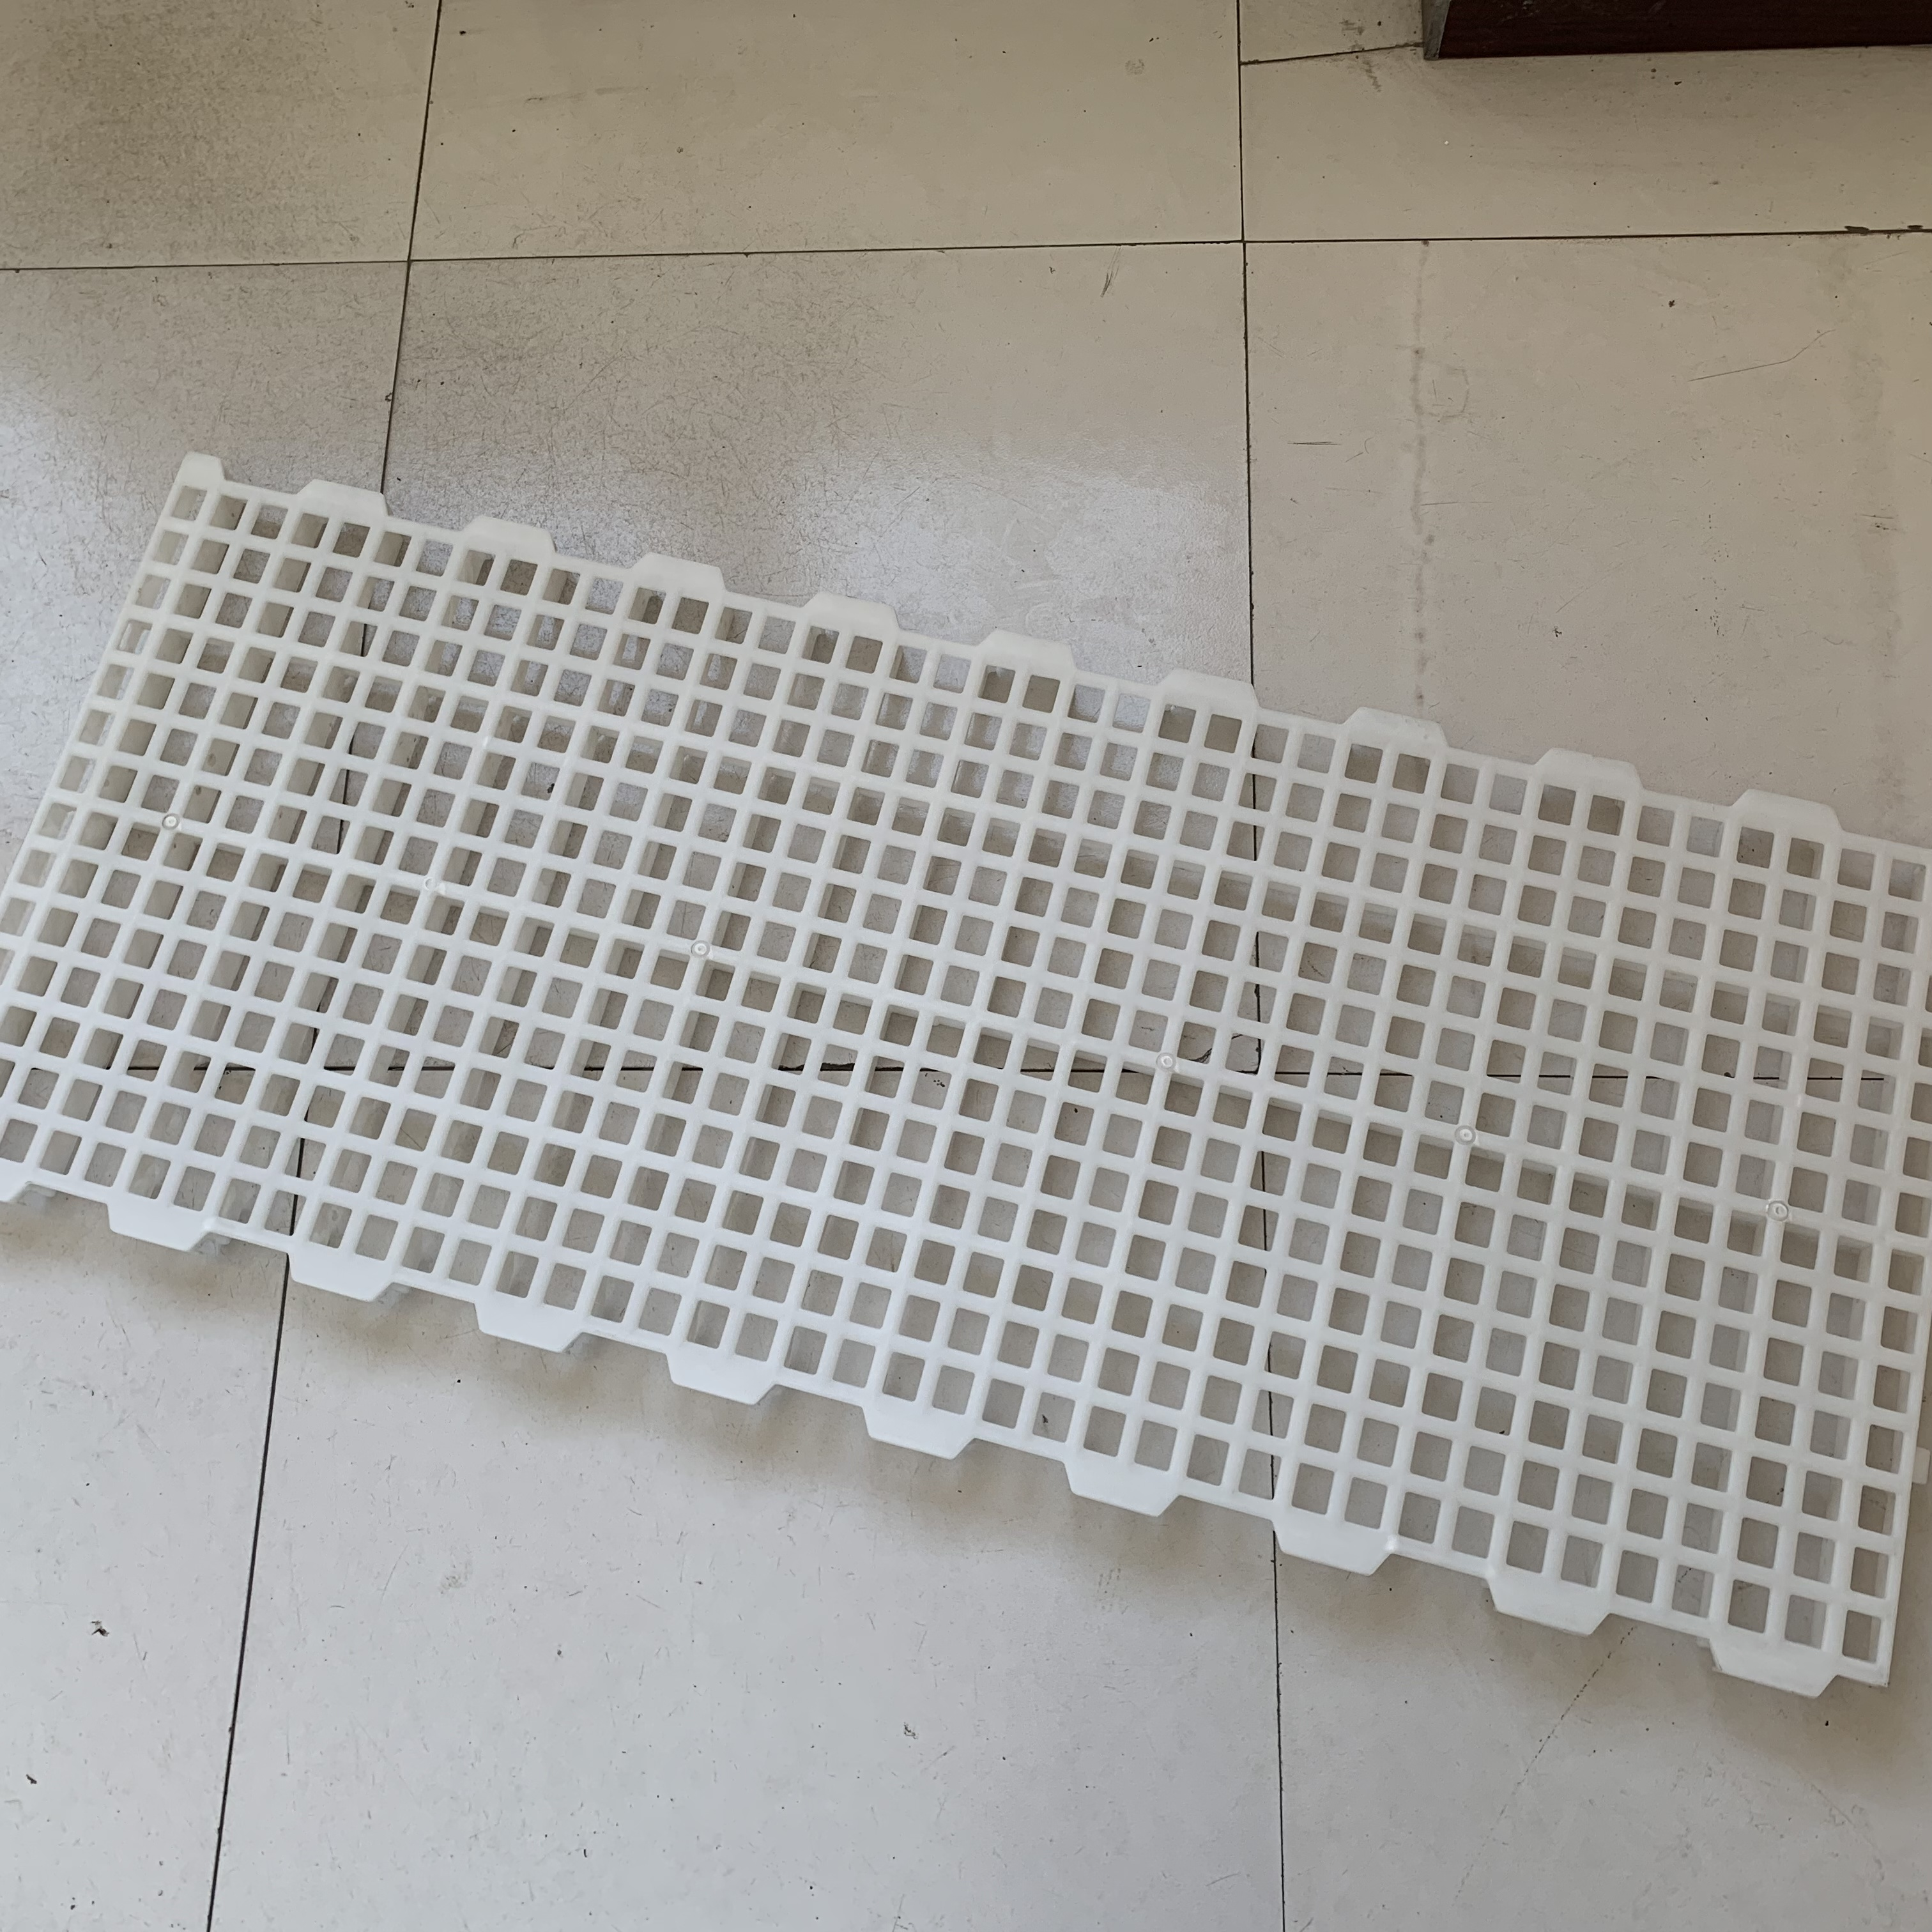 New Material Plastic Slat Flooring For